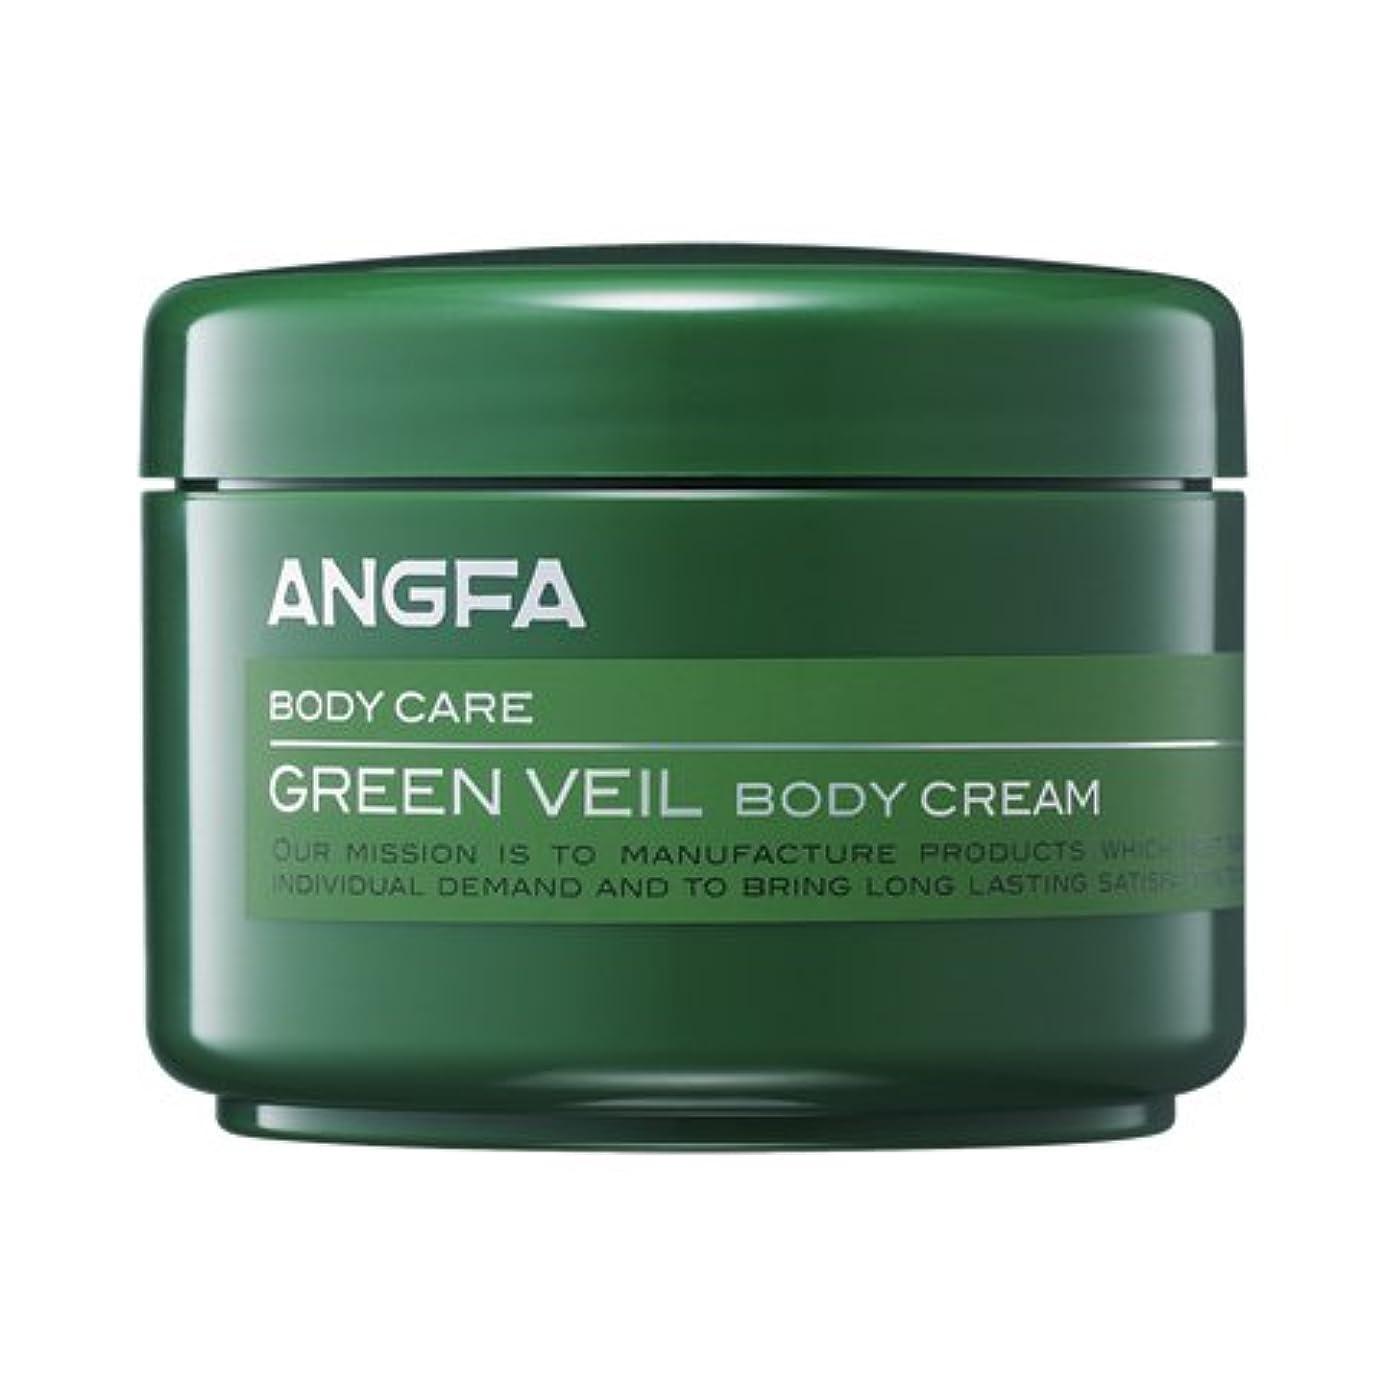 媒染剤不名誉な人類アンファー (ANGFA) グリーンベール 薬用ボディクリーム 45g グリーンフローラル [乾燥?保湿] かゆみ肌